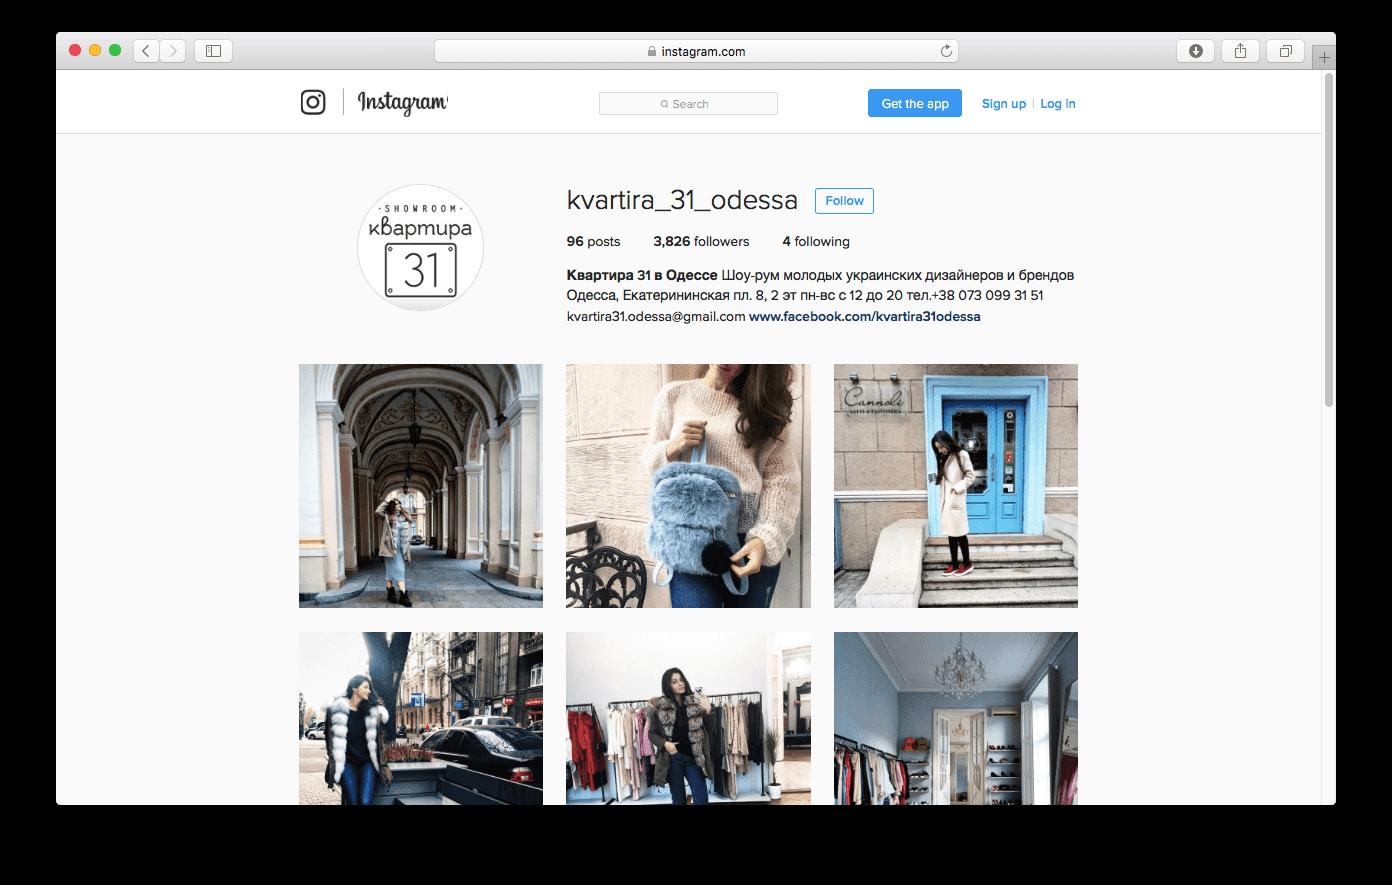 Аватар бізнес акаунта Instagram